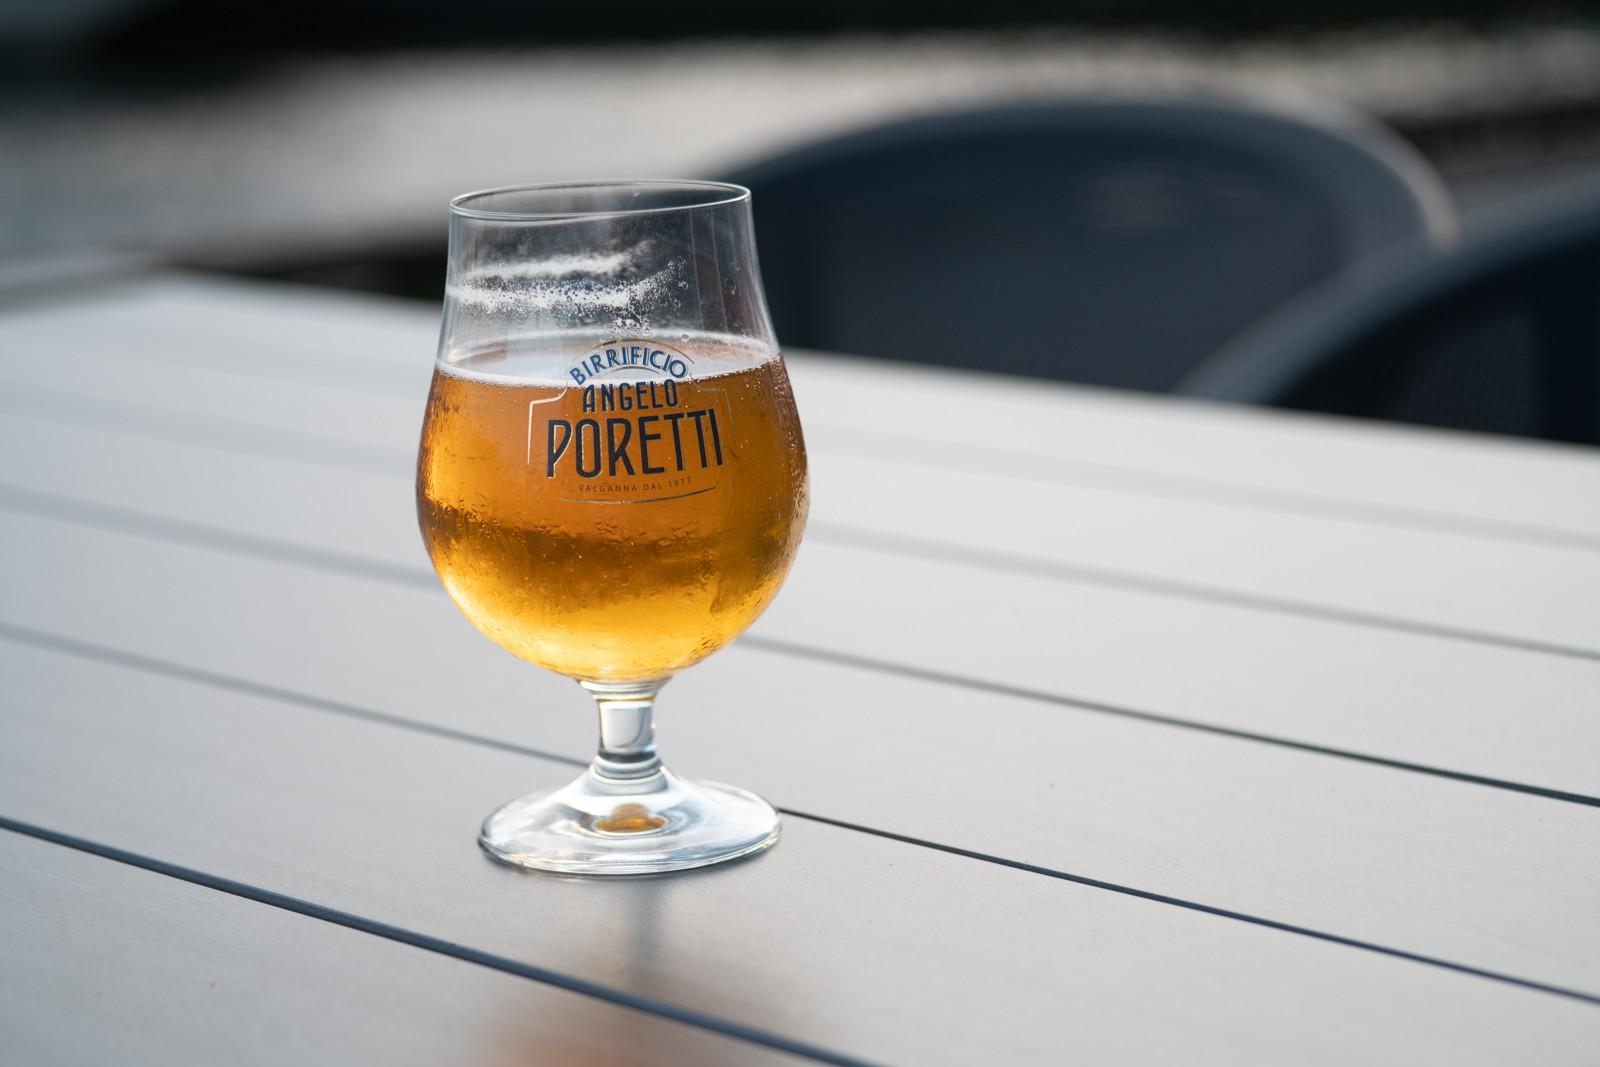 Poretti, en dejlig øl - taget med Lomography Neptune objektiv